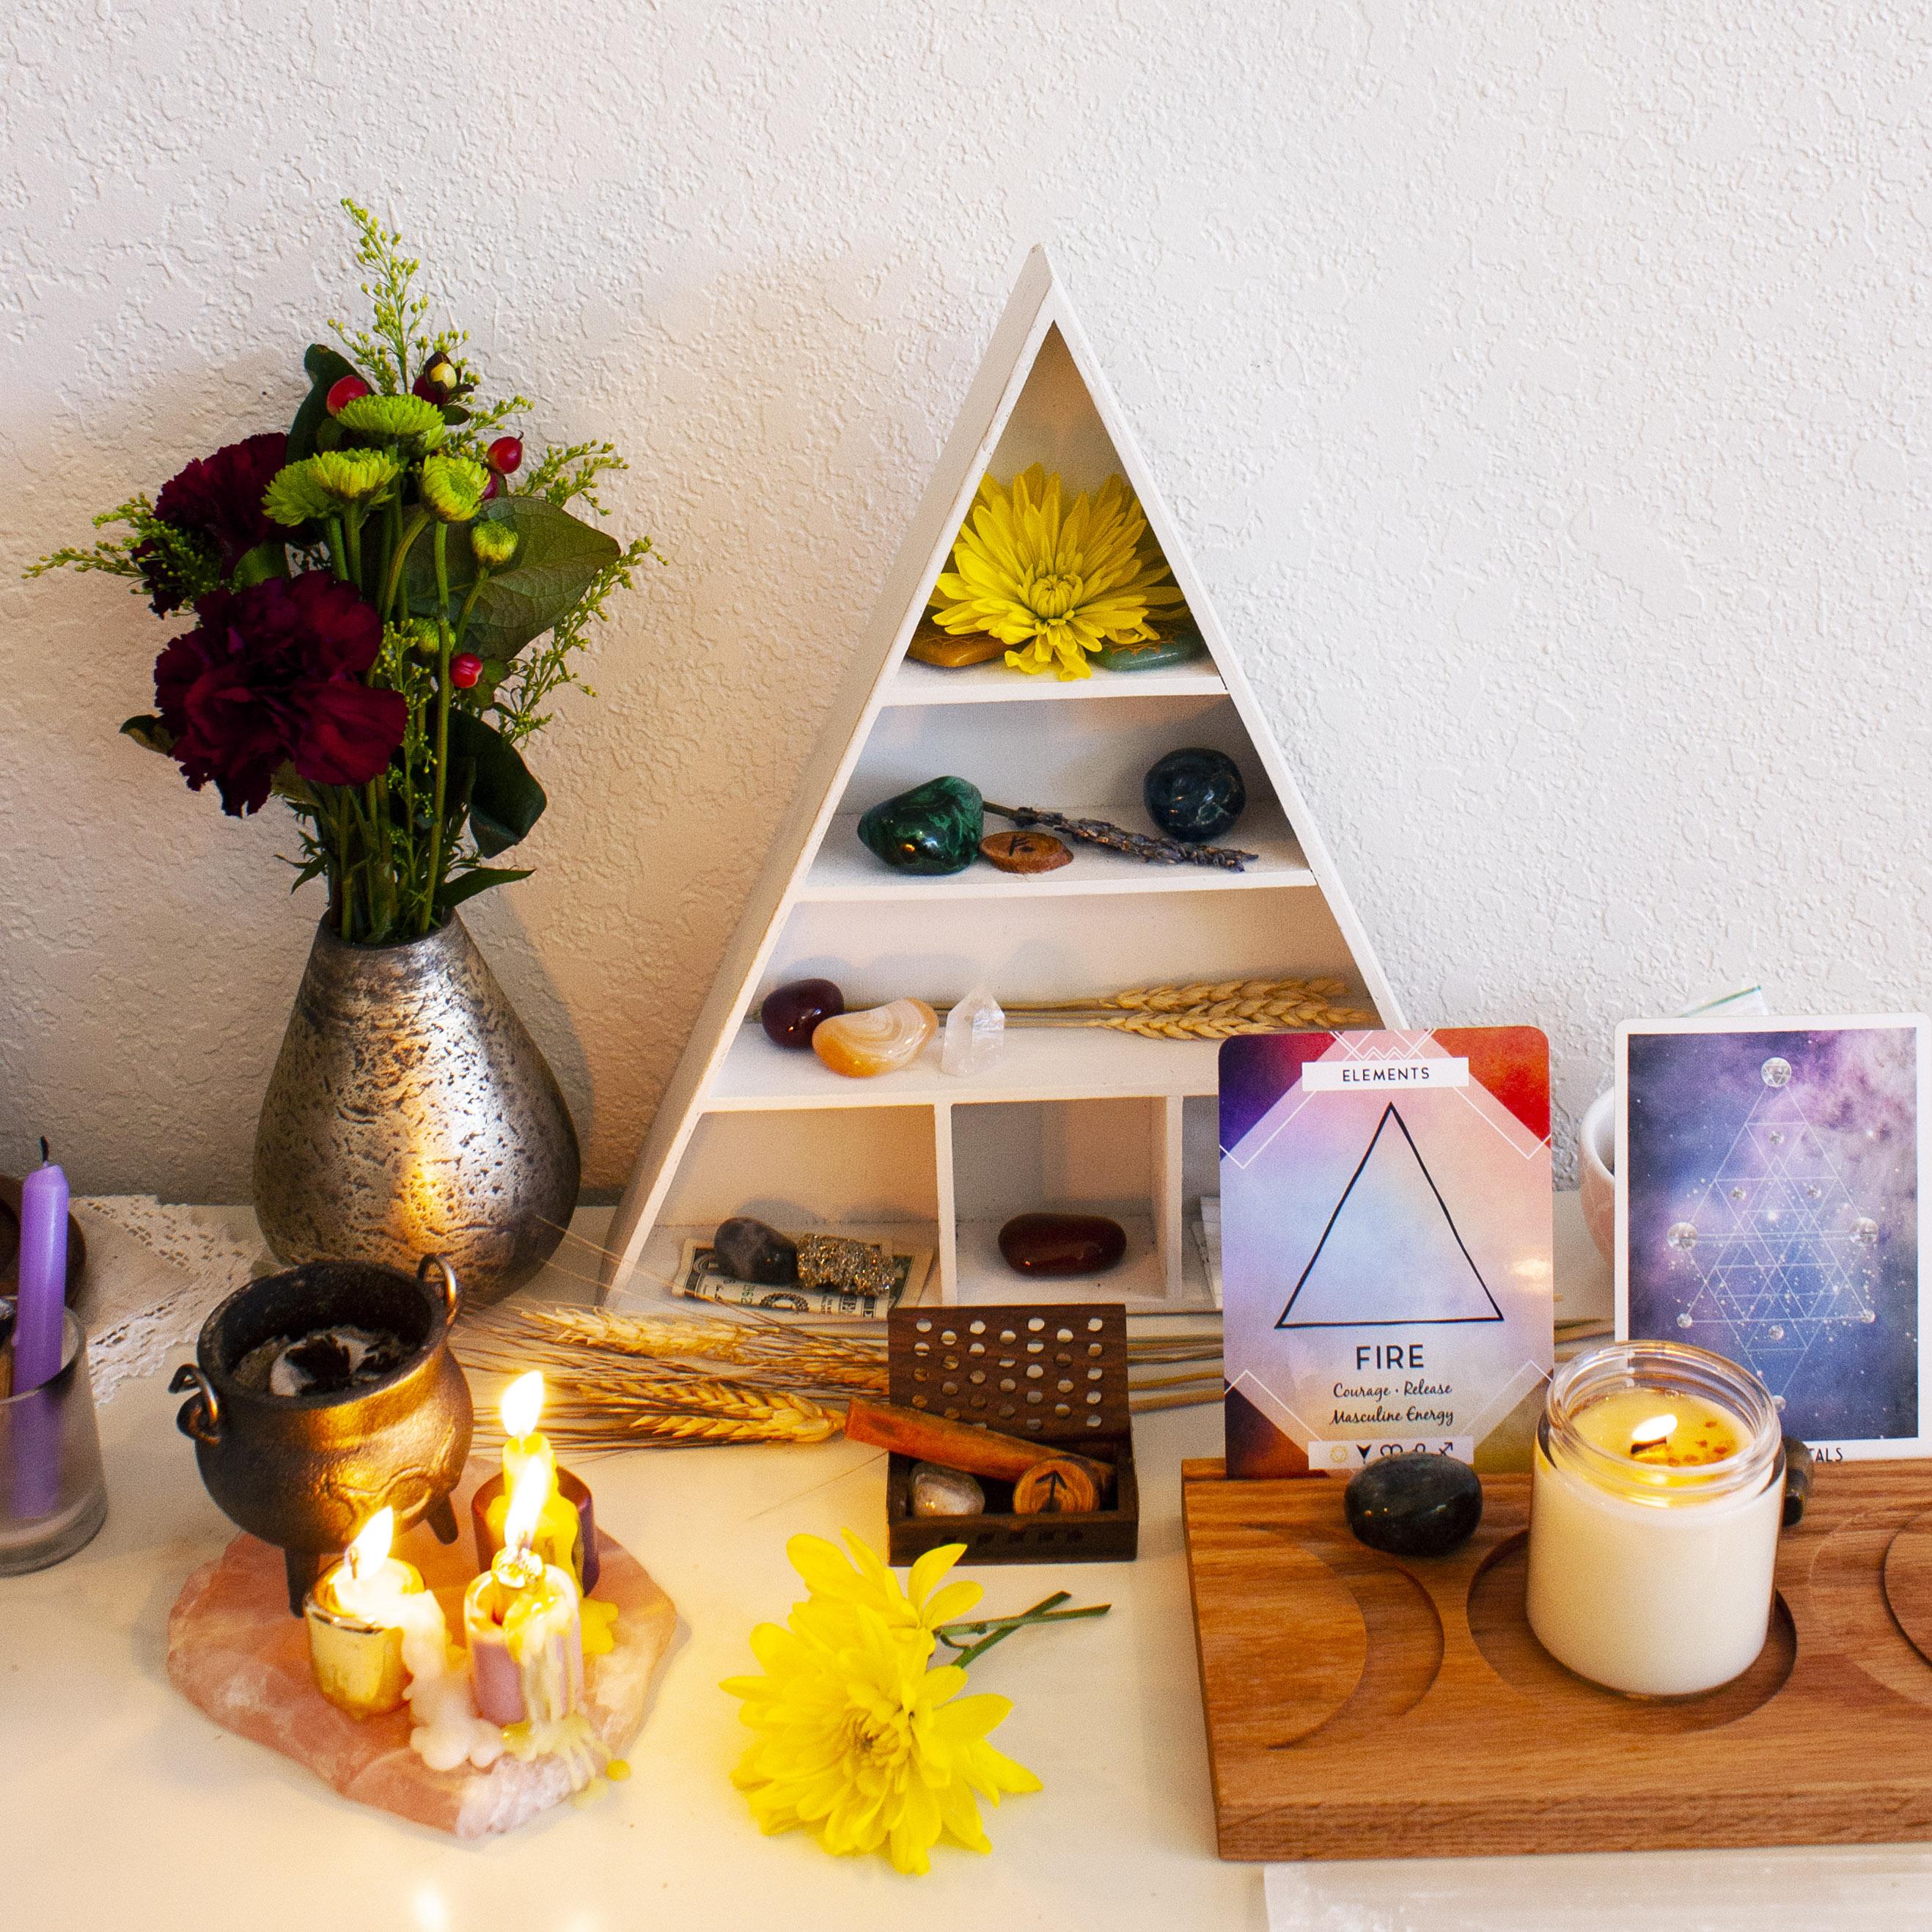 rituals-for-lammas-ritual-for-lughnasadh